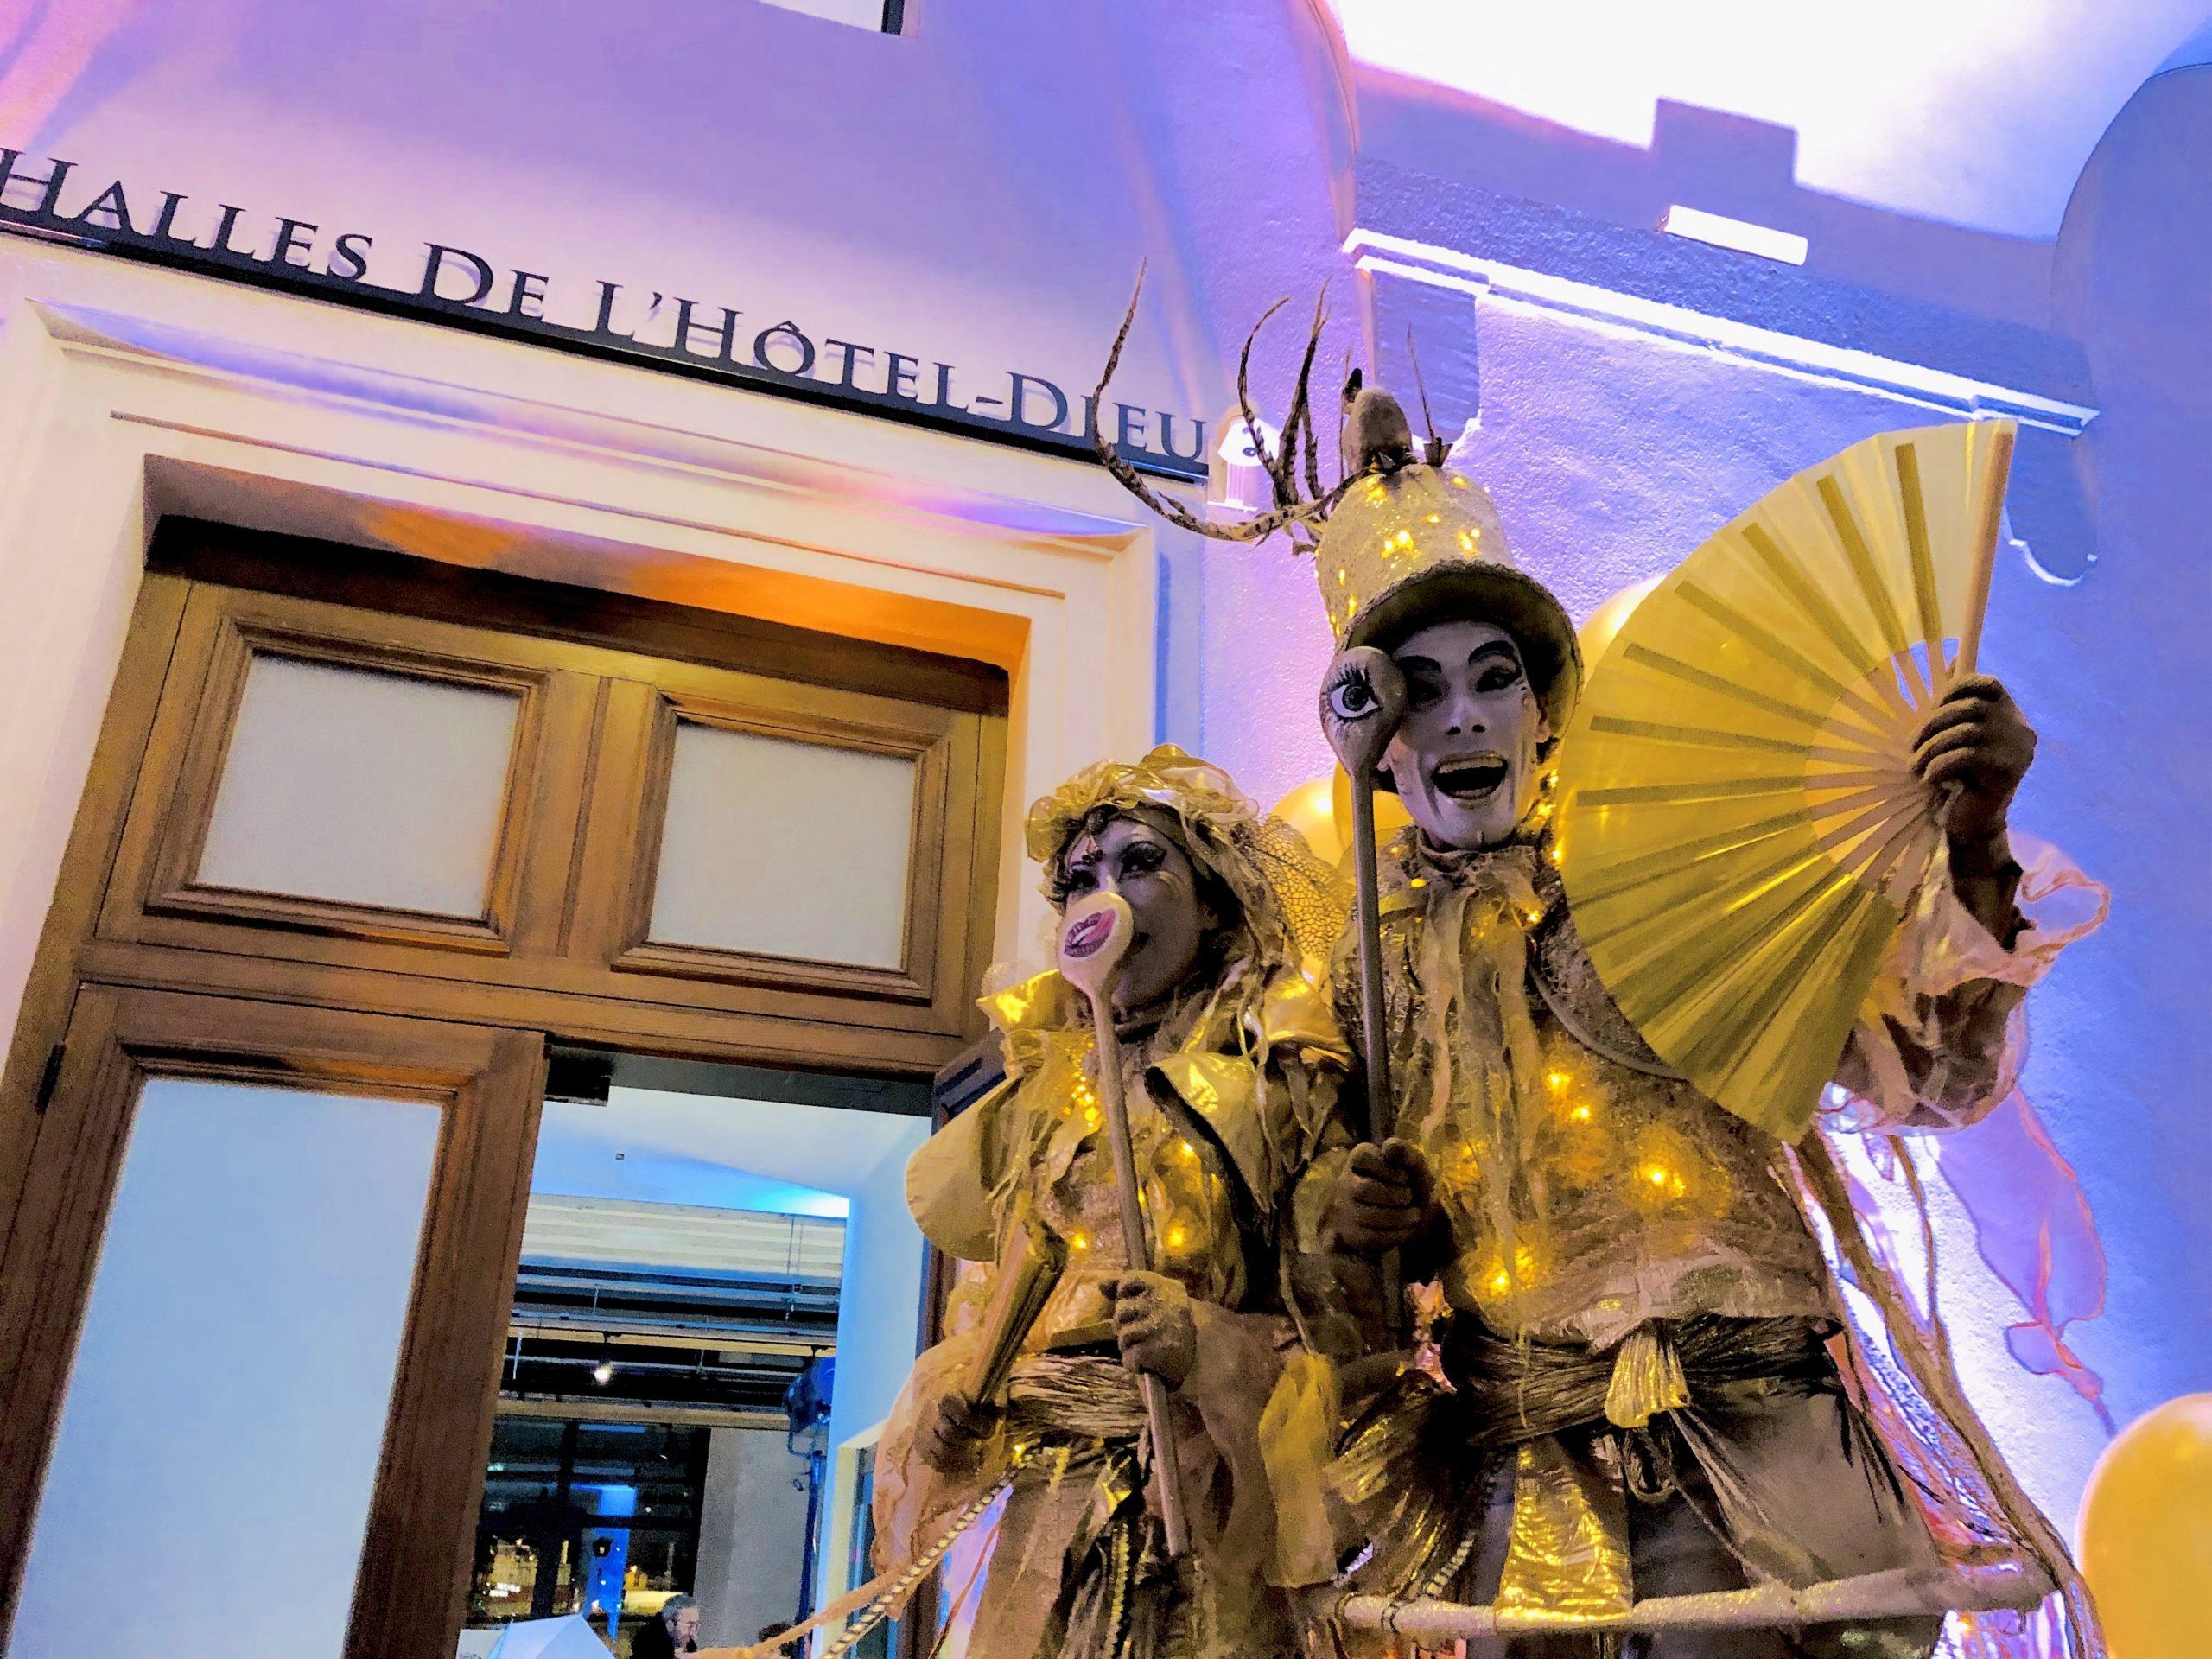 Inauguration des Halles du Grand Hôtel Dieu: Esprit des Sens aiguise vos papilles